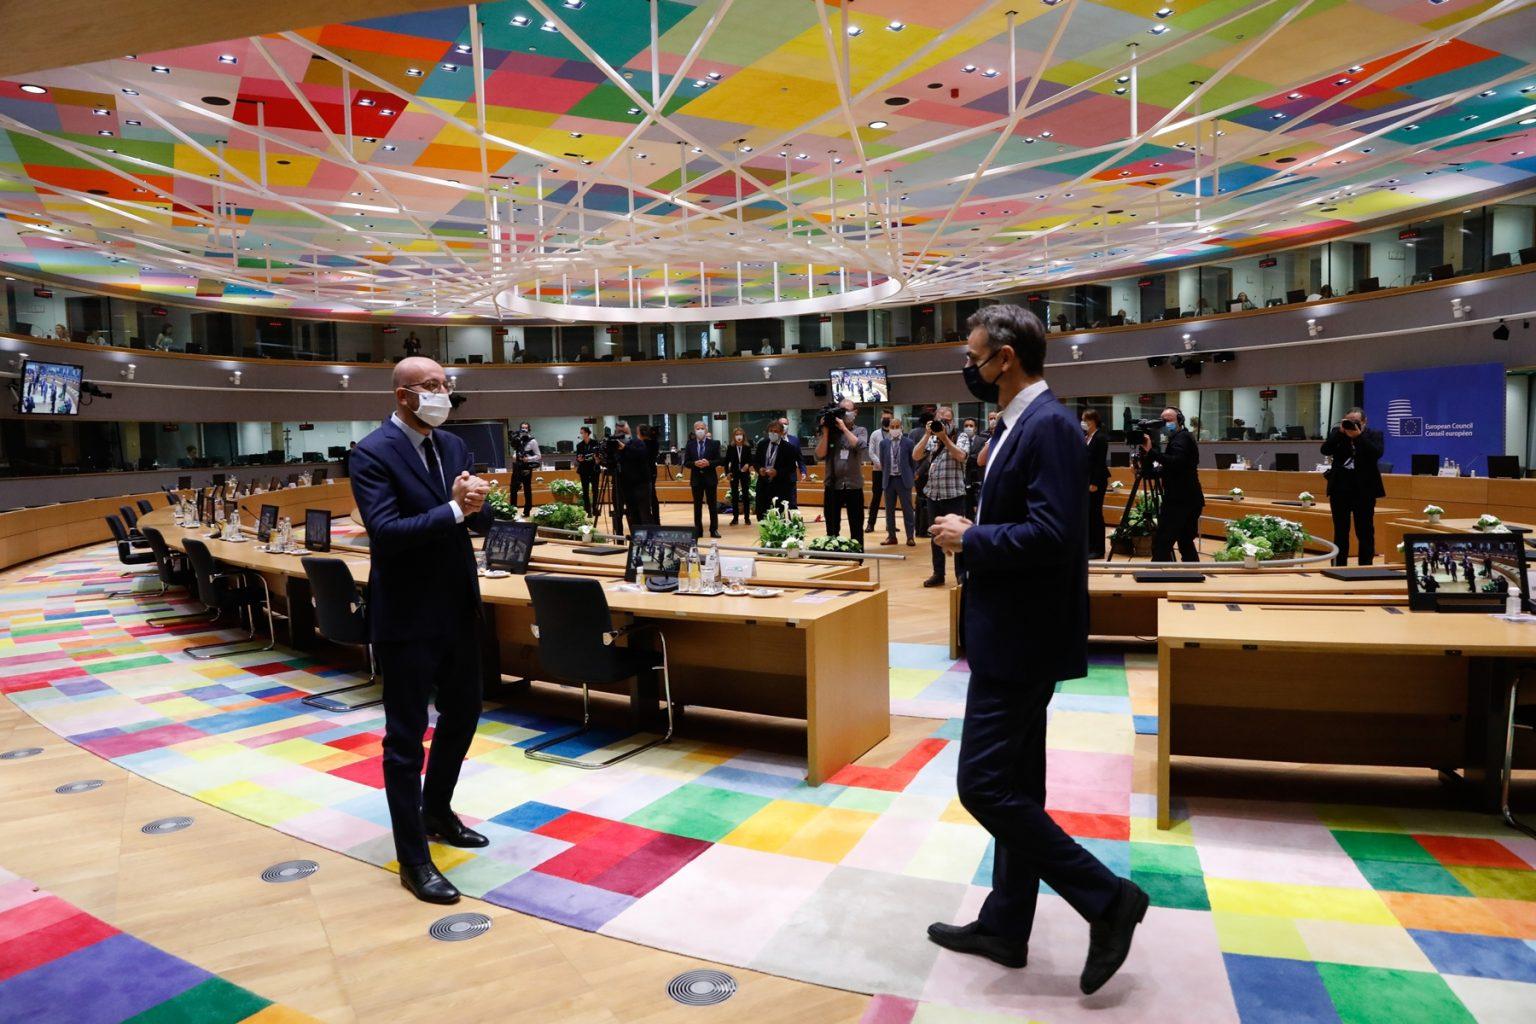 Σύνοδος Κορυφής: Σήμερα η συζήτηση των ηγετών για την τουρκική προκλητικότητα μετά και το γαλλογερμανικό τελεσίγραφο στην Άγκυρα